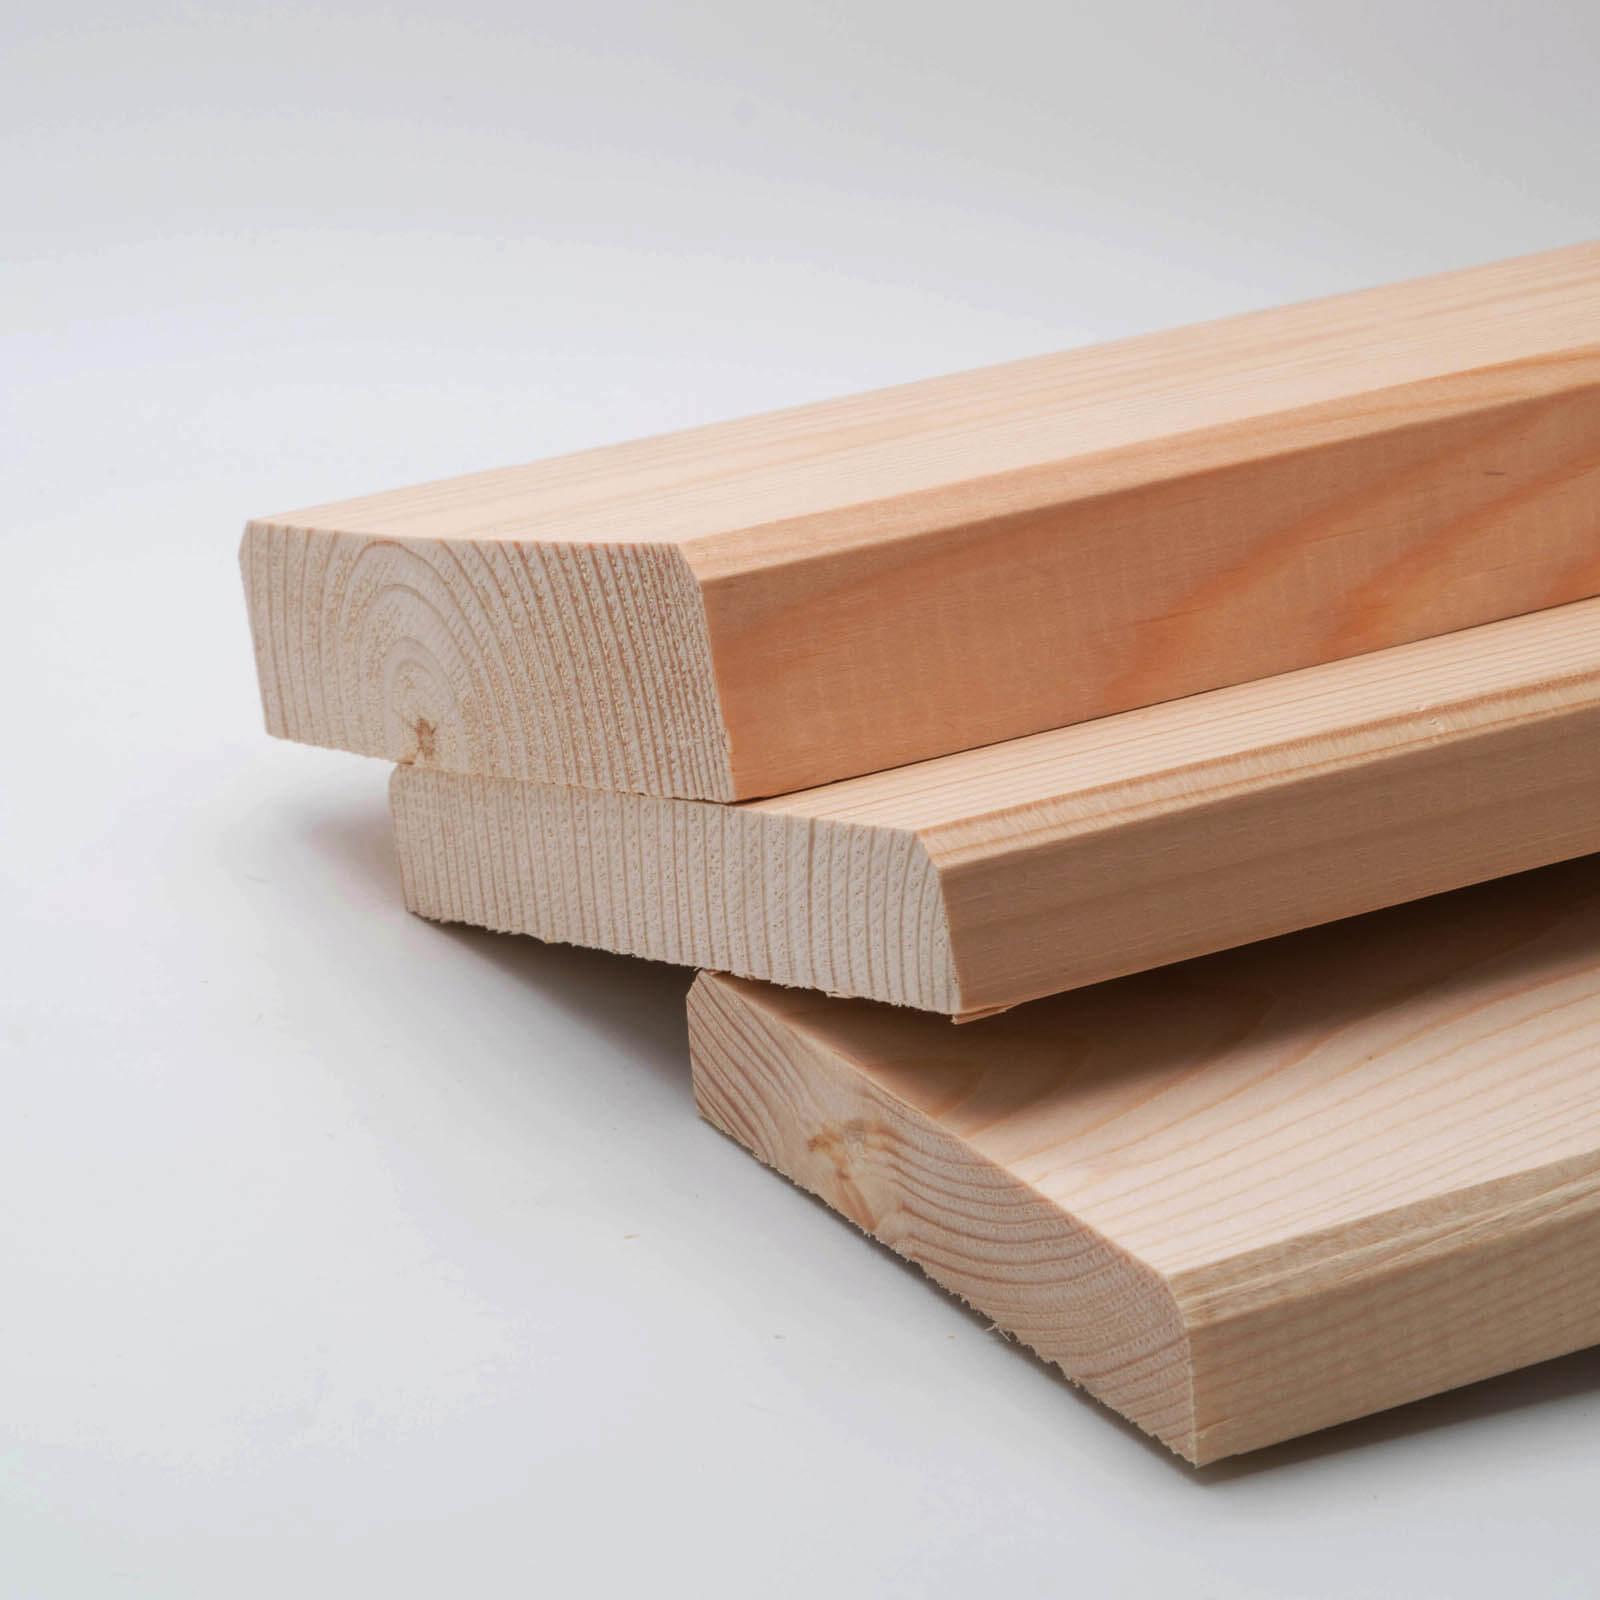 stiristransko-hoblane-deske-smreka-krancic-10